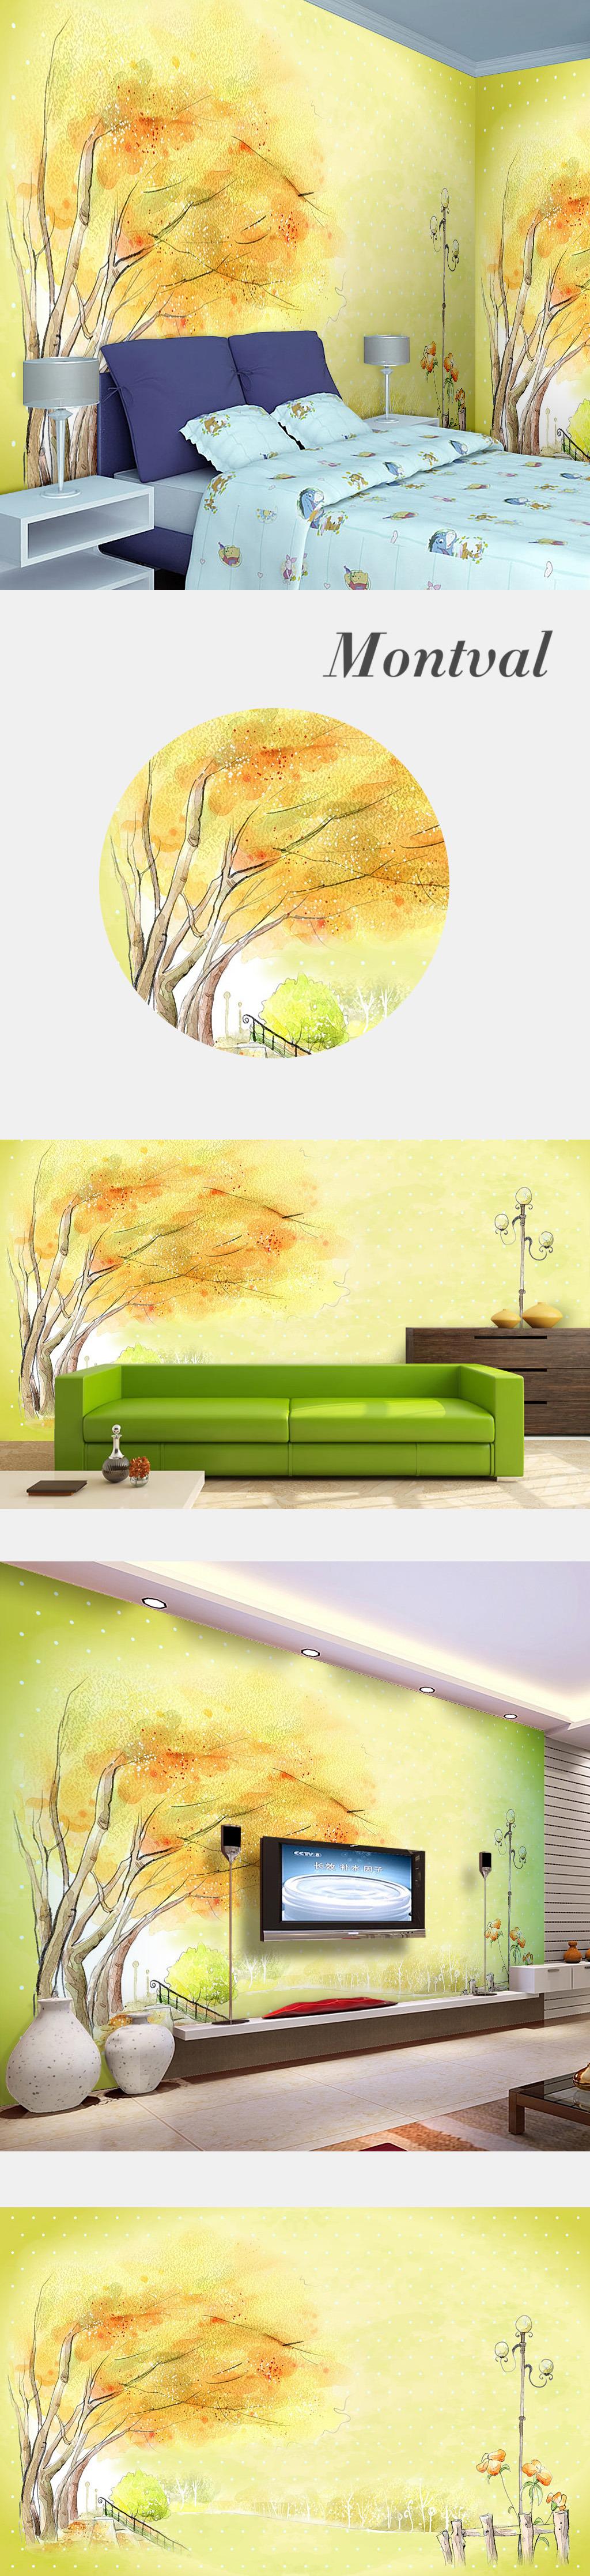 手绘卡通可爱卡通装修背景墙图片下载 电视背景墙背景墙幼儿园墙面